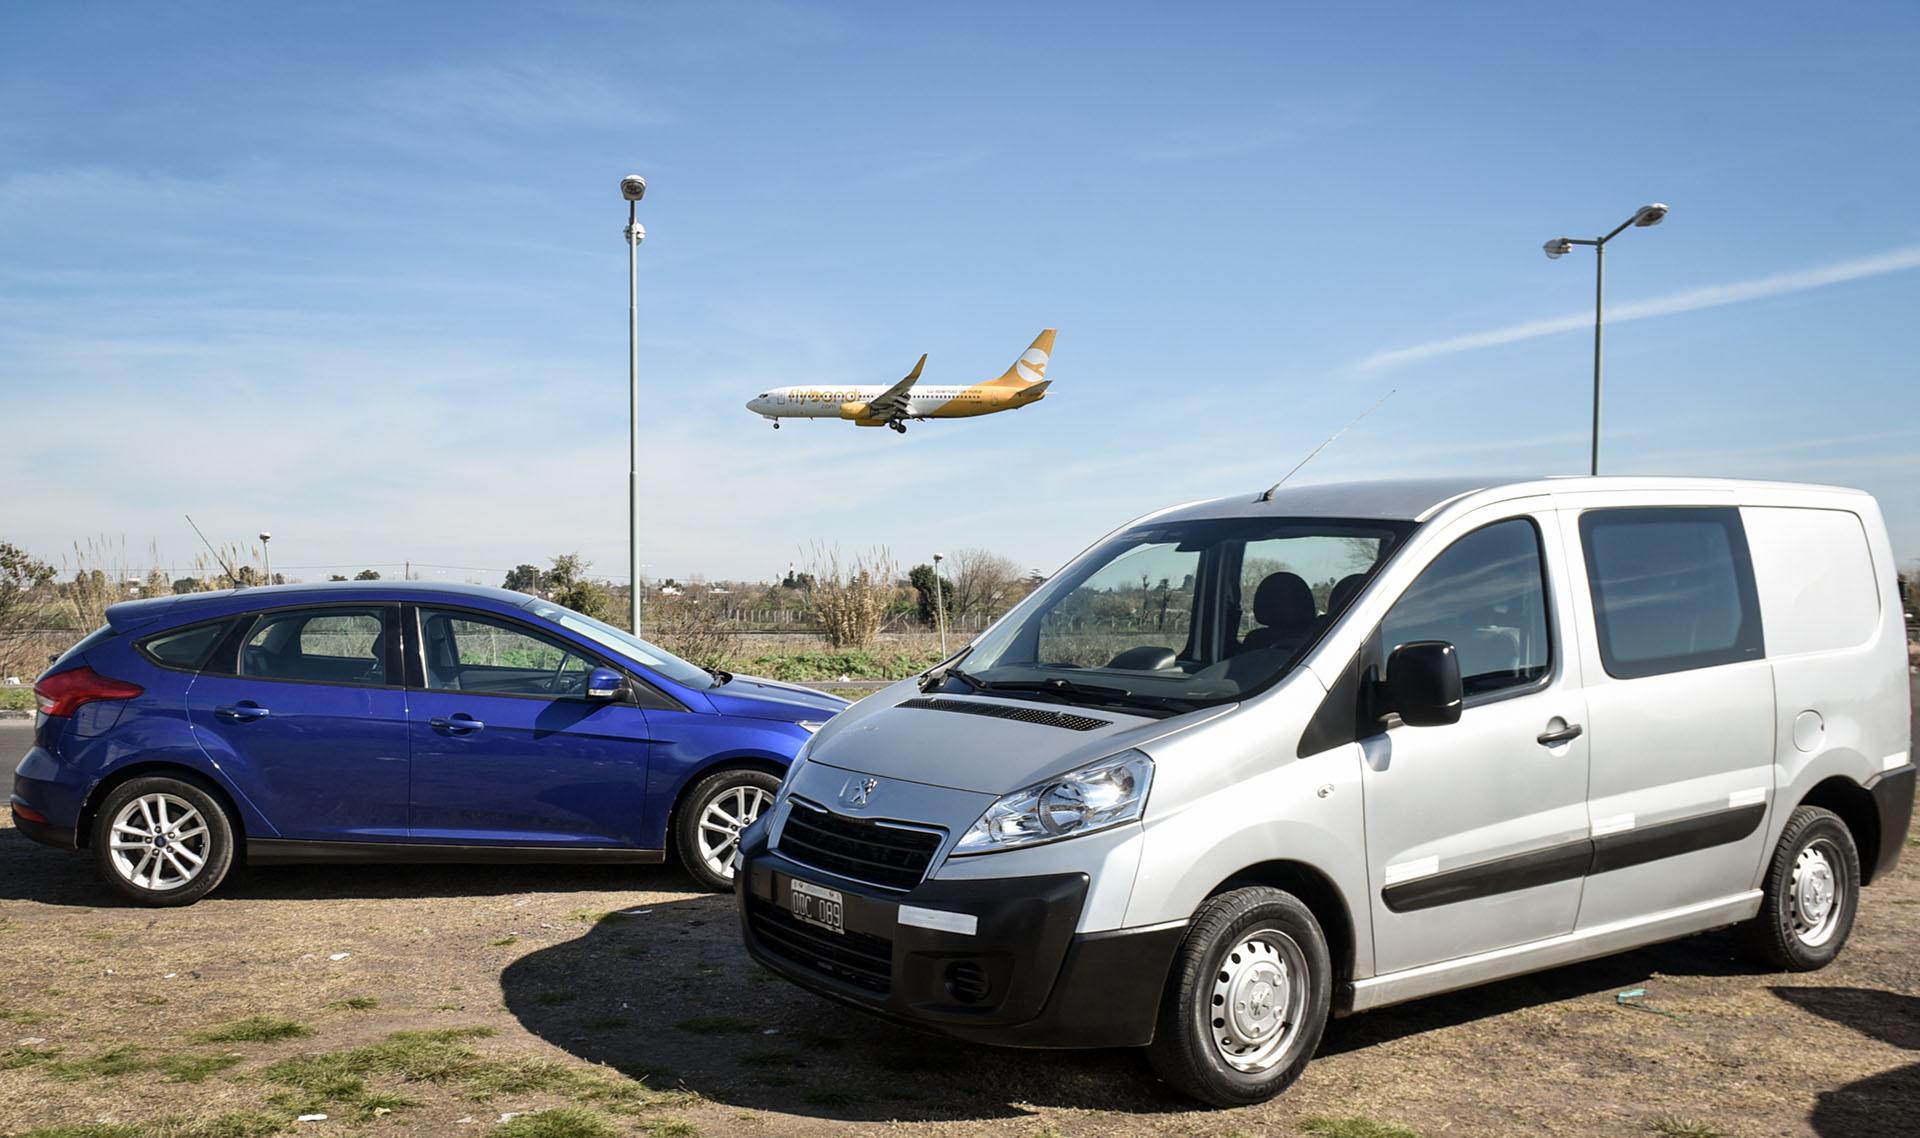 La ruta de proximidad por donde descienden los aviones pasa cerca del barrio Villa Alemania, de Hurlingham, donde habitan los vecinos más disgustados (Guille Llamos)